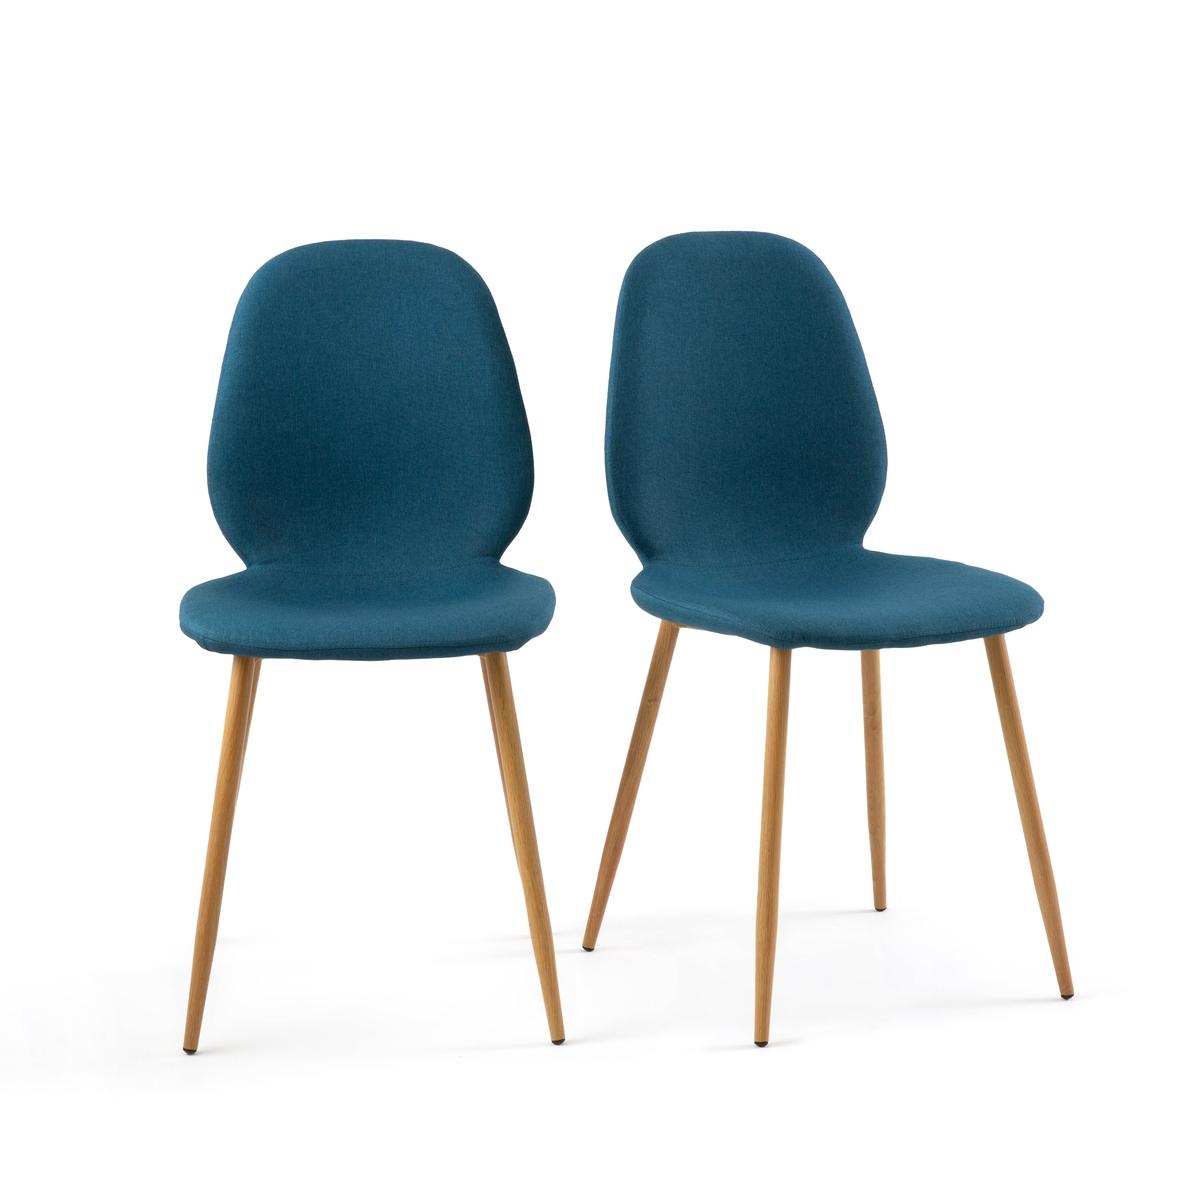 Комплект из 2 стульев Nordie La Redoute La Redoute единый размер синий комплект из высоких стульев la redoute bistro единый размер бежевый